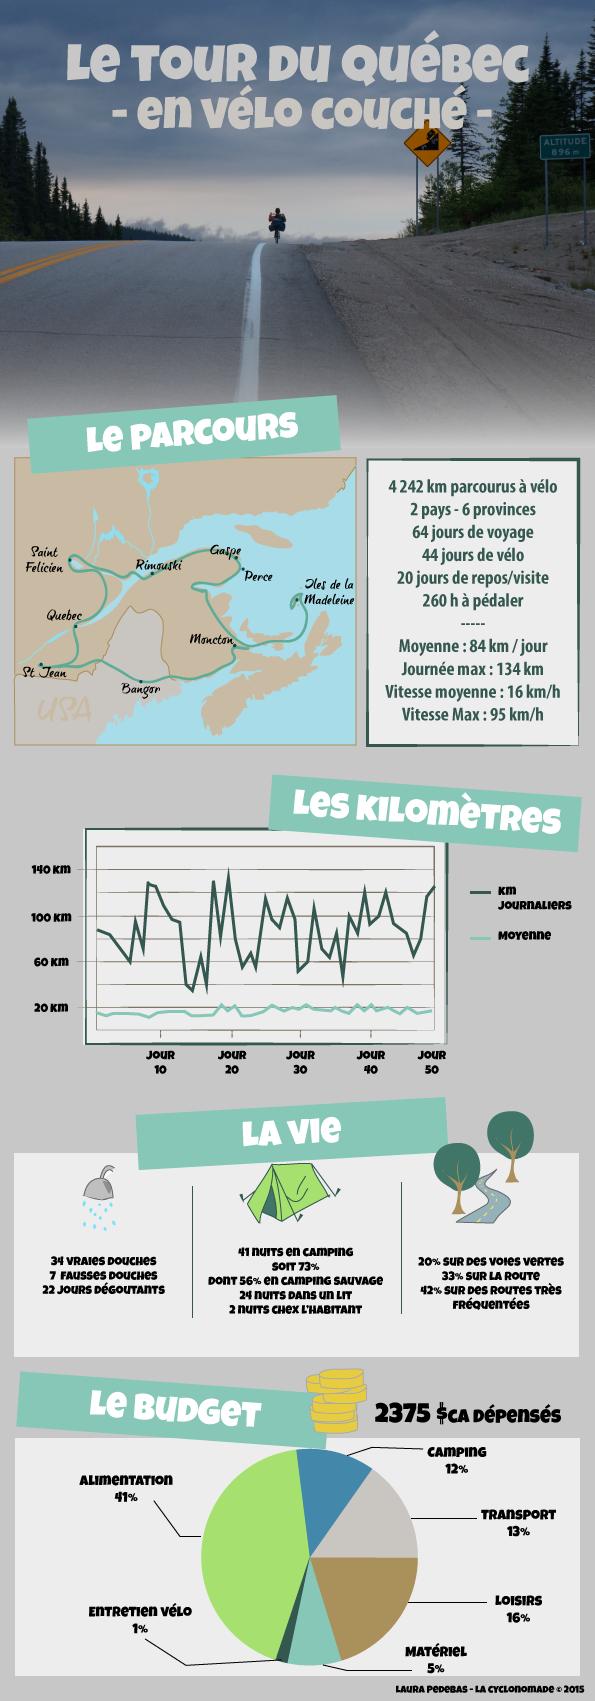 Infographie du Tour du Québec à vélo